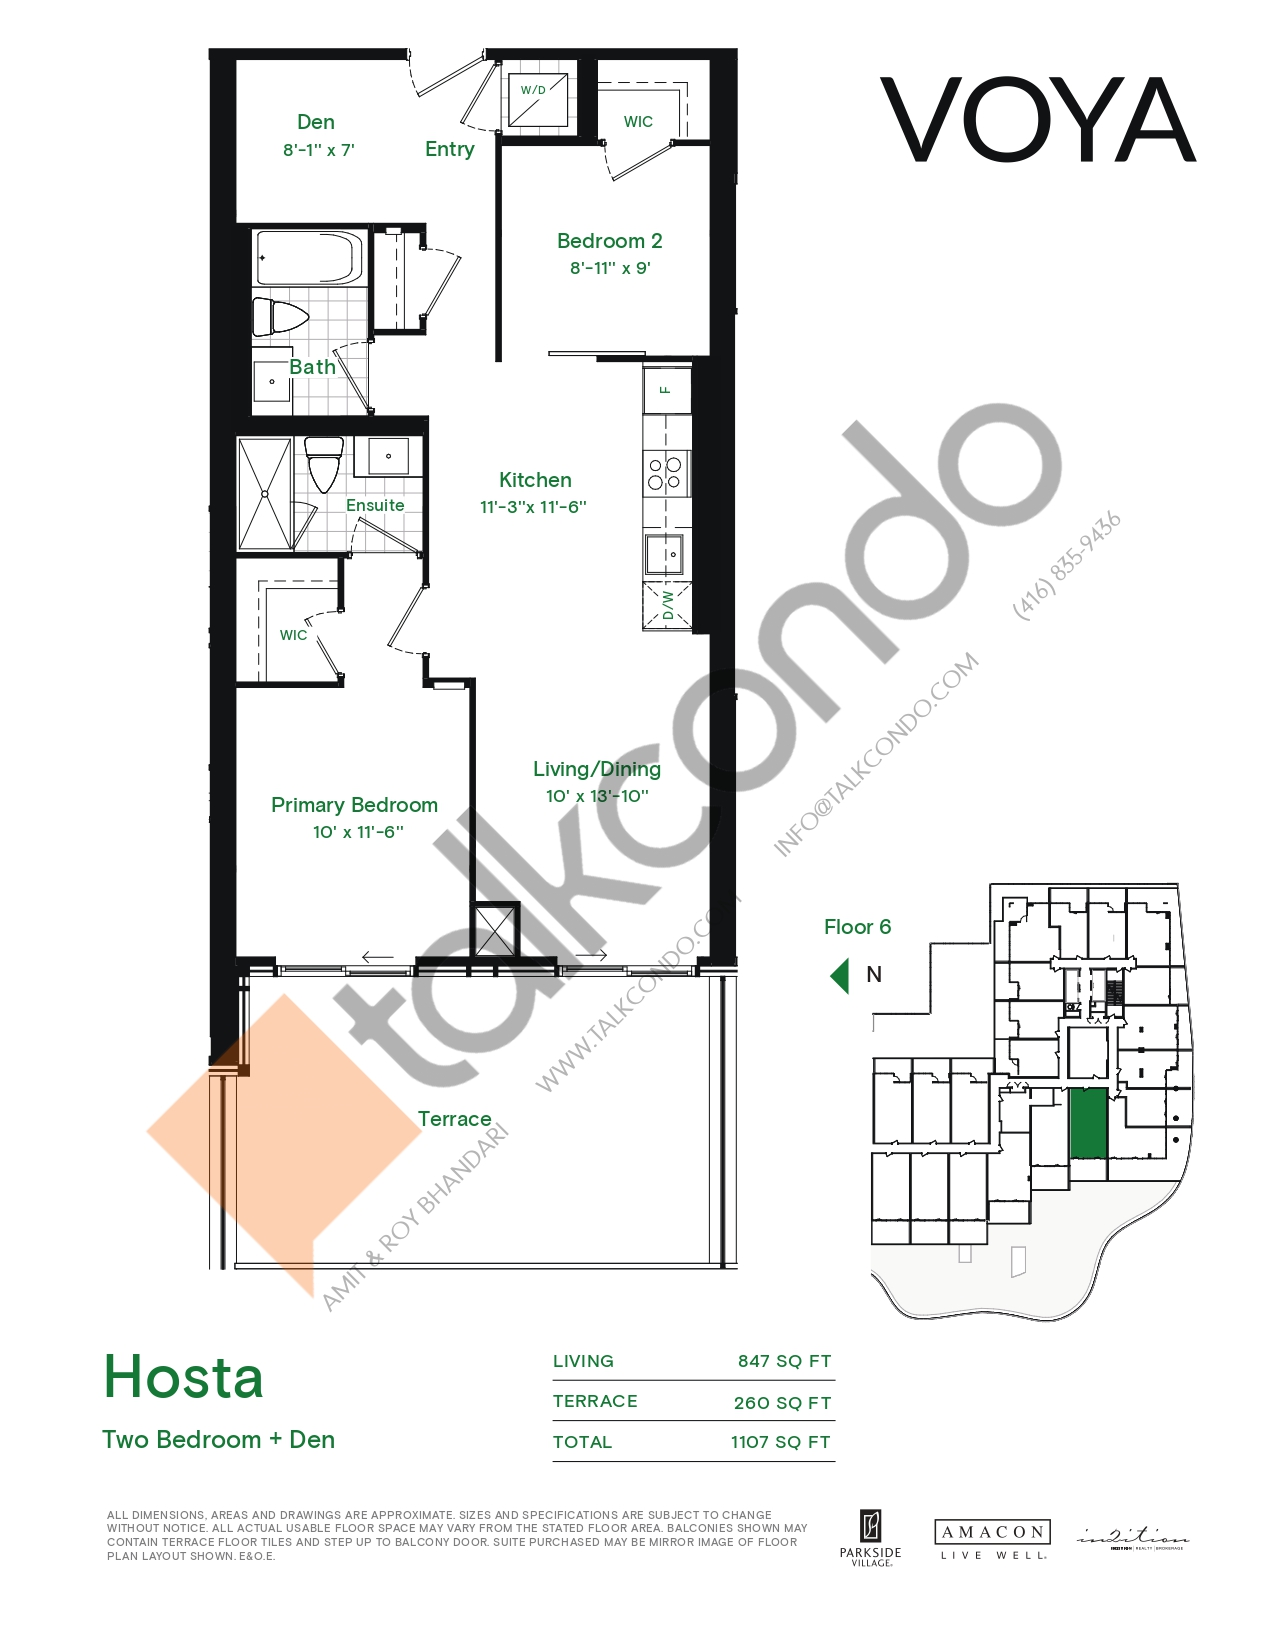 Hosta (Podium) Floor Plan at Voya at Parkside Village Condos - 847 sq.ft